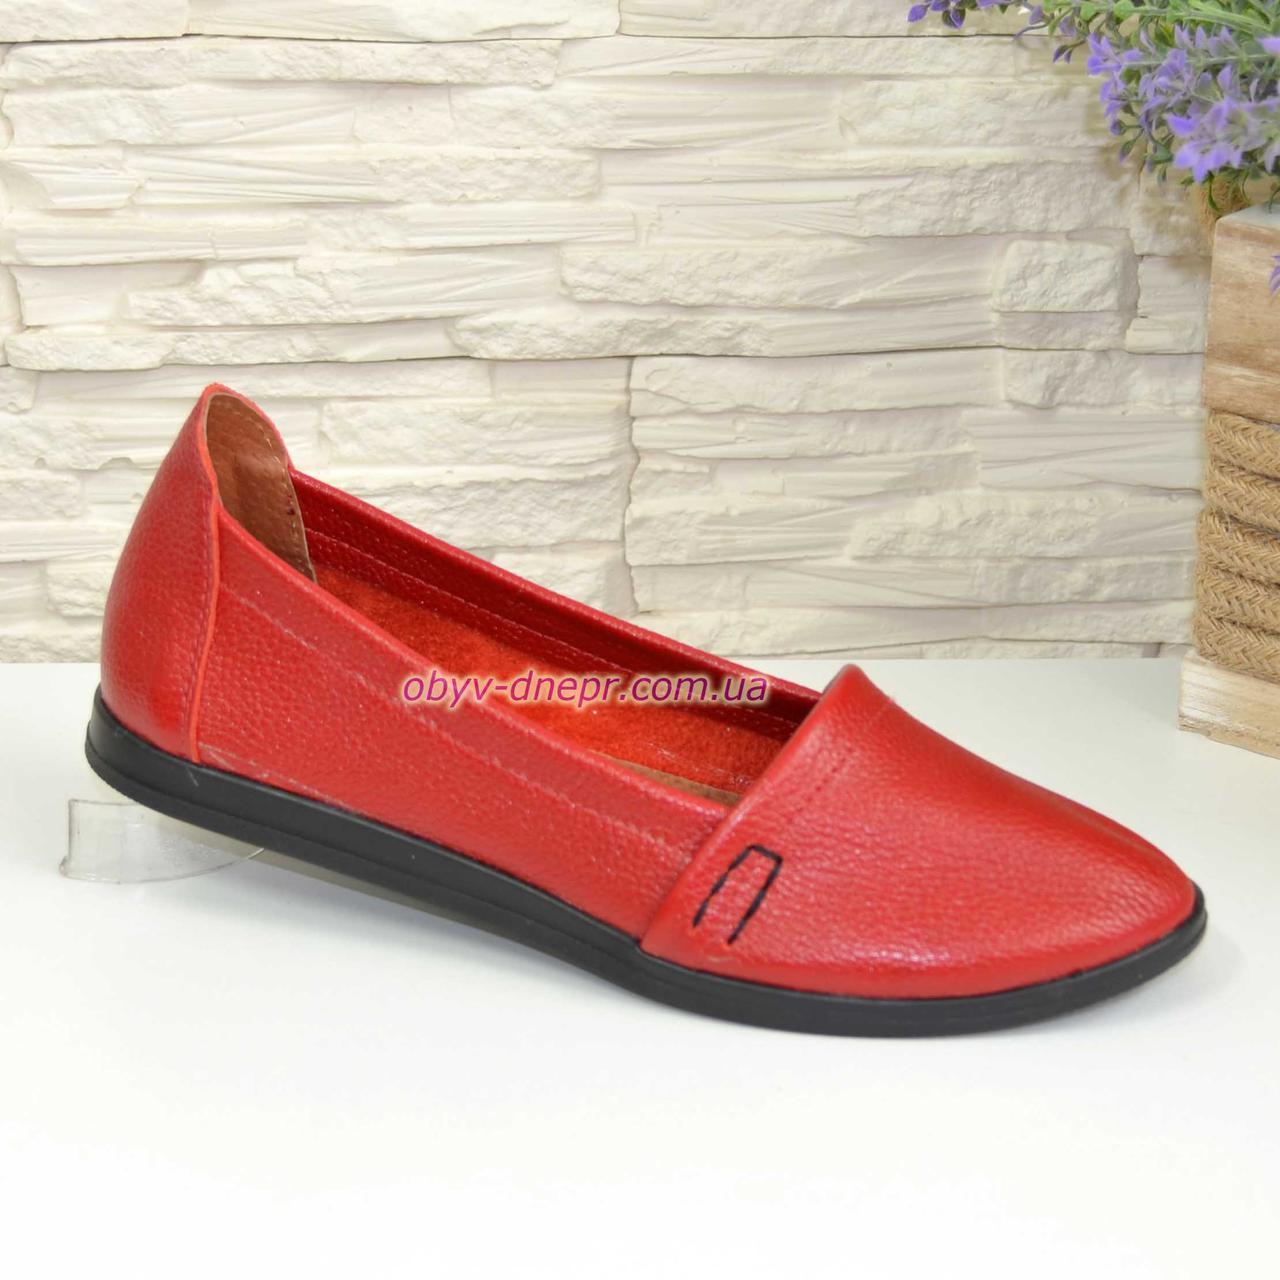 Женские красные эспадрильи кожаные